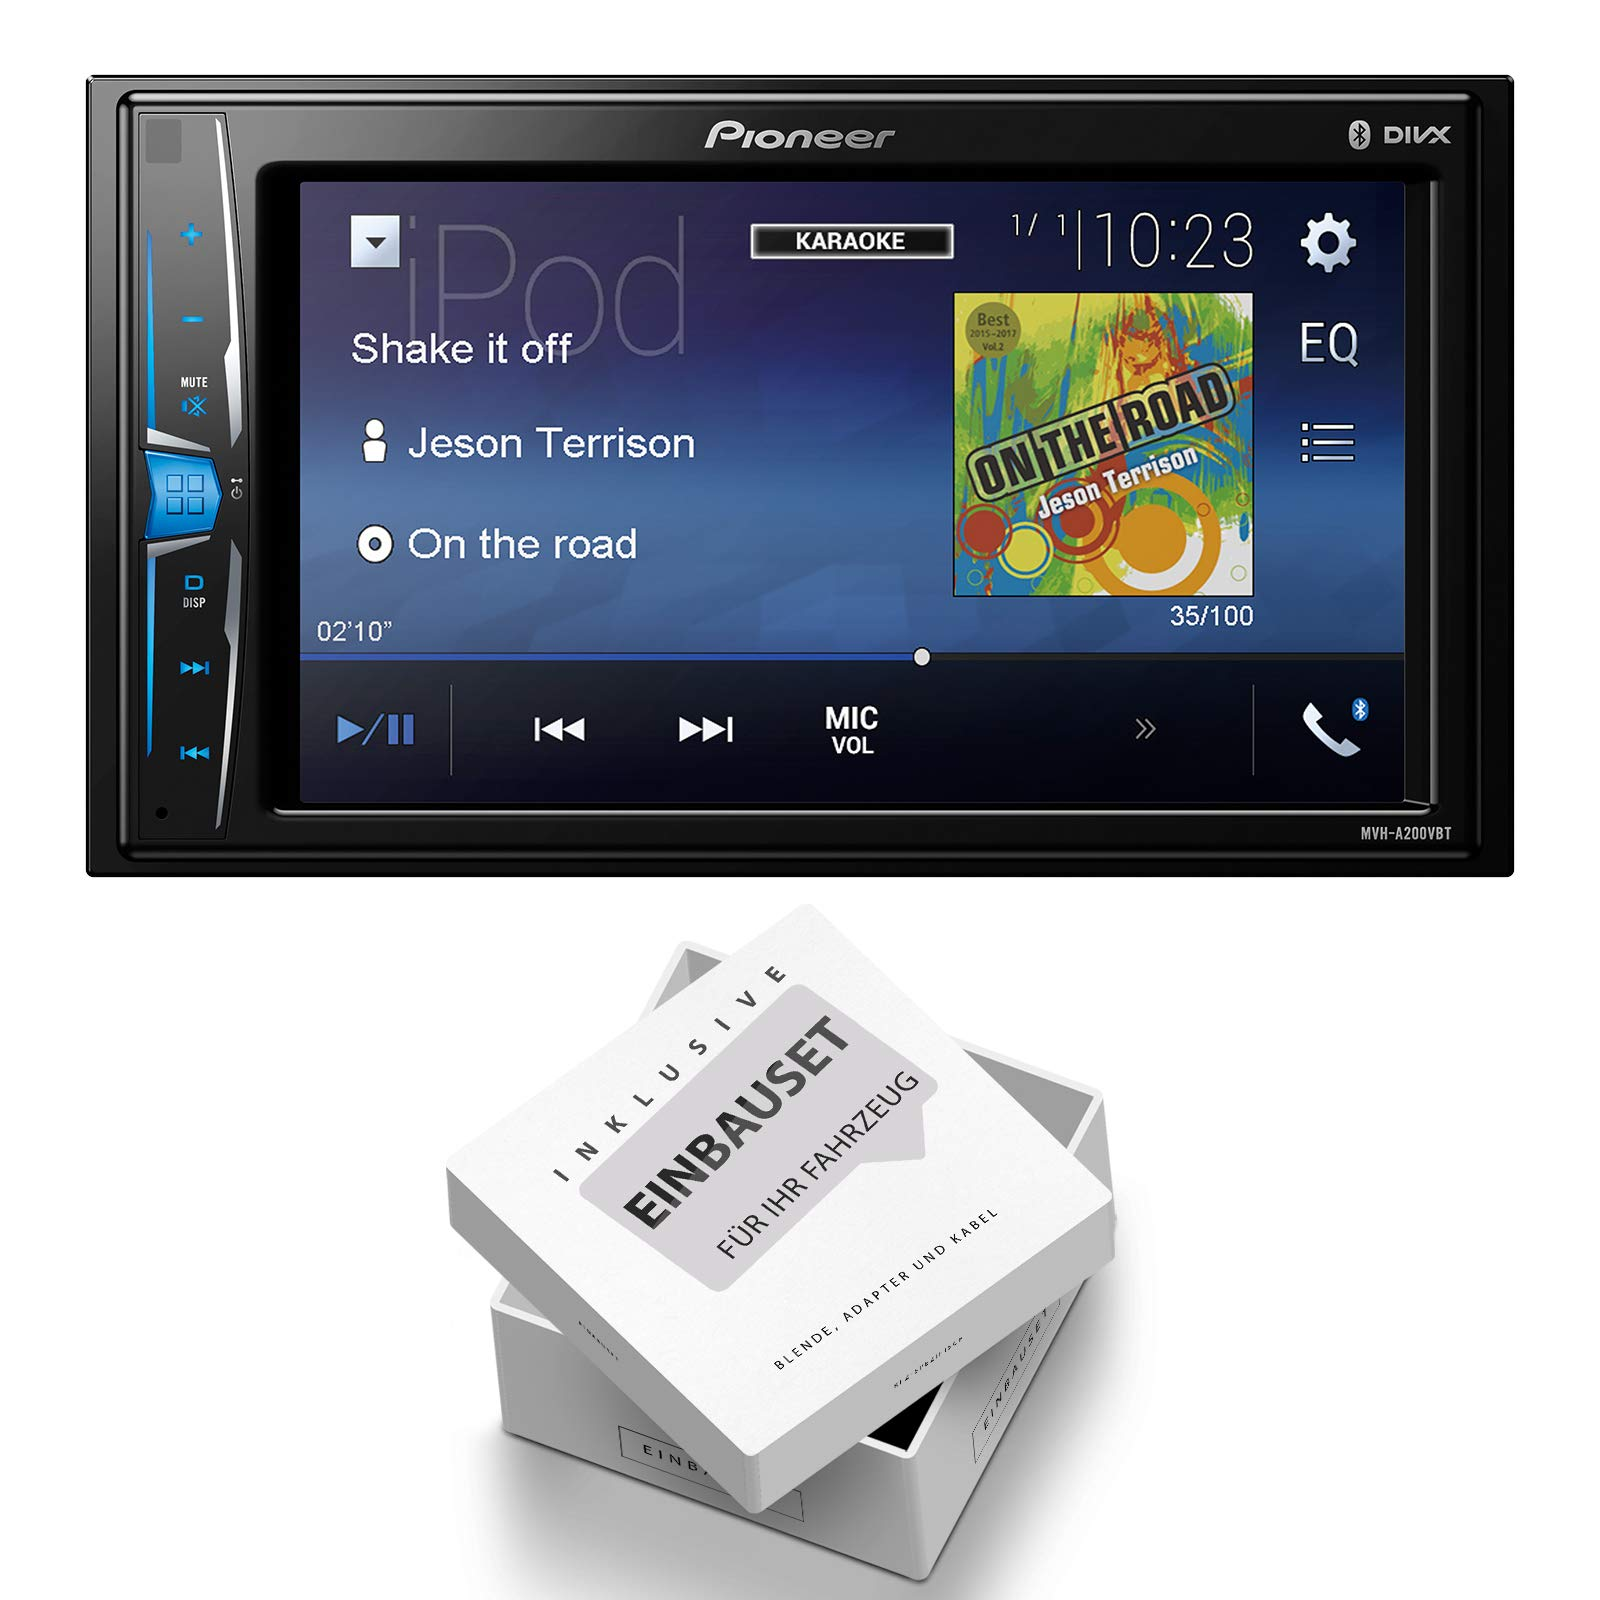 Pioneer-Radio-MVH-A200VBT-2DIN-Bluetooth-mit-Einbauset-fr-Opel-Corsa-D-2006-2014-Stealth-Black